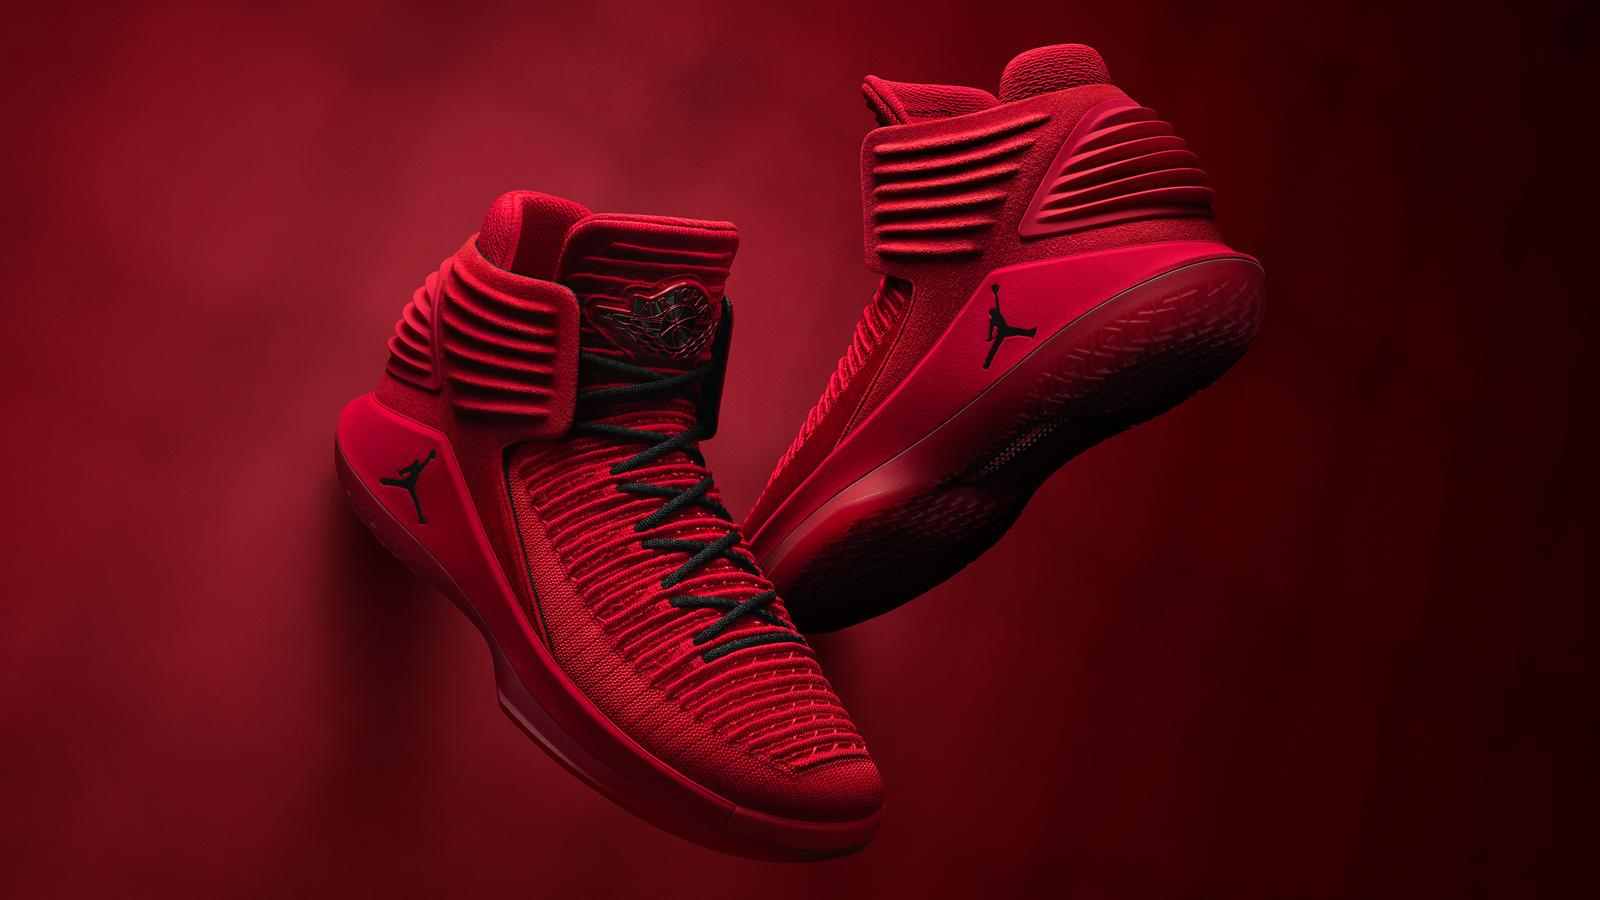 Hd Air Jordan Wallpaper Introducing The Air Jordan Xxxii Nike News